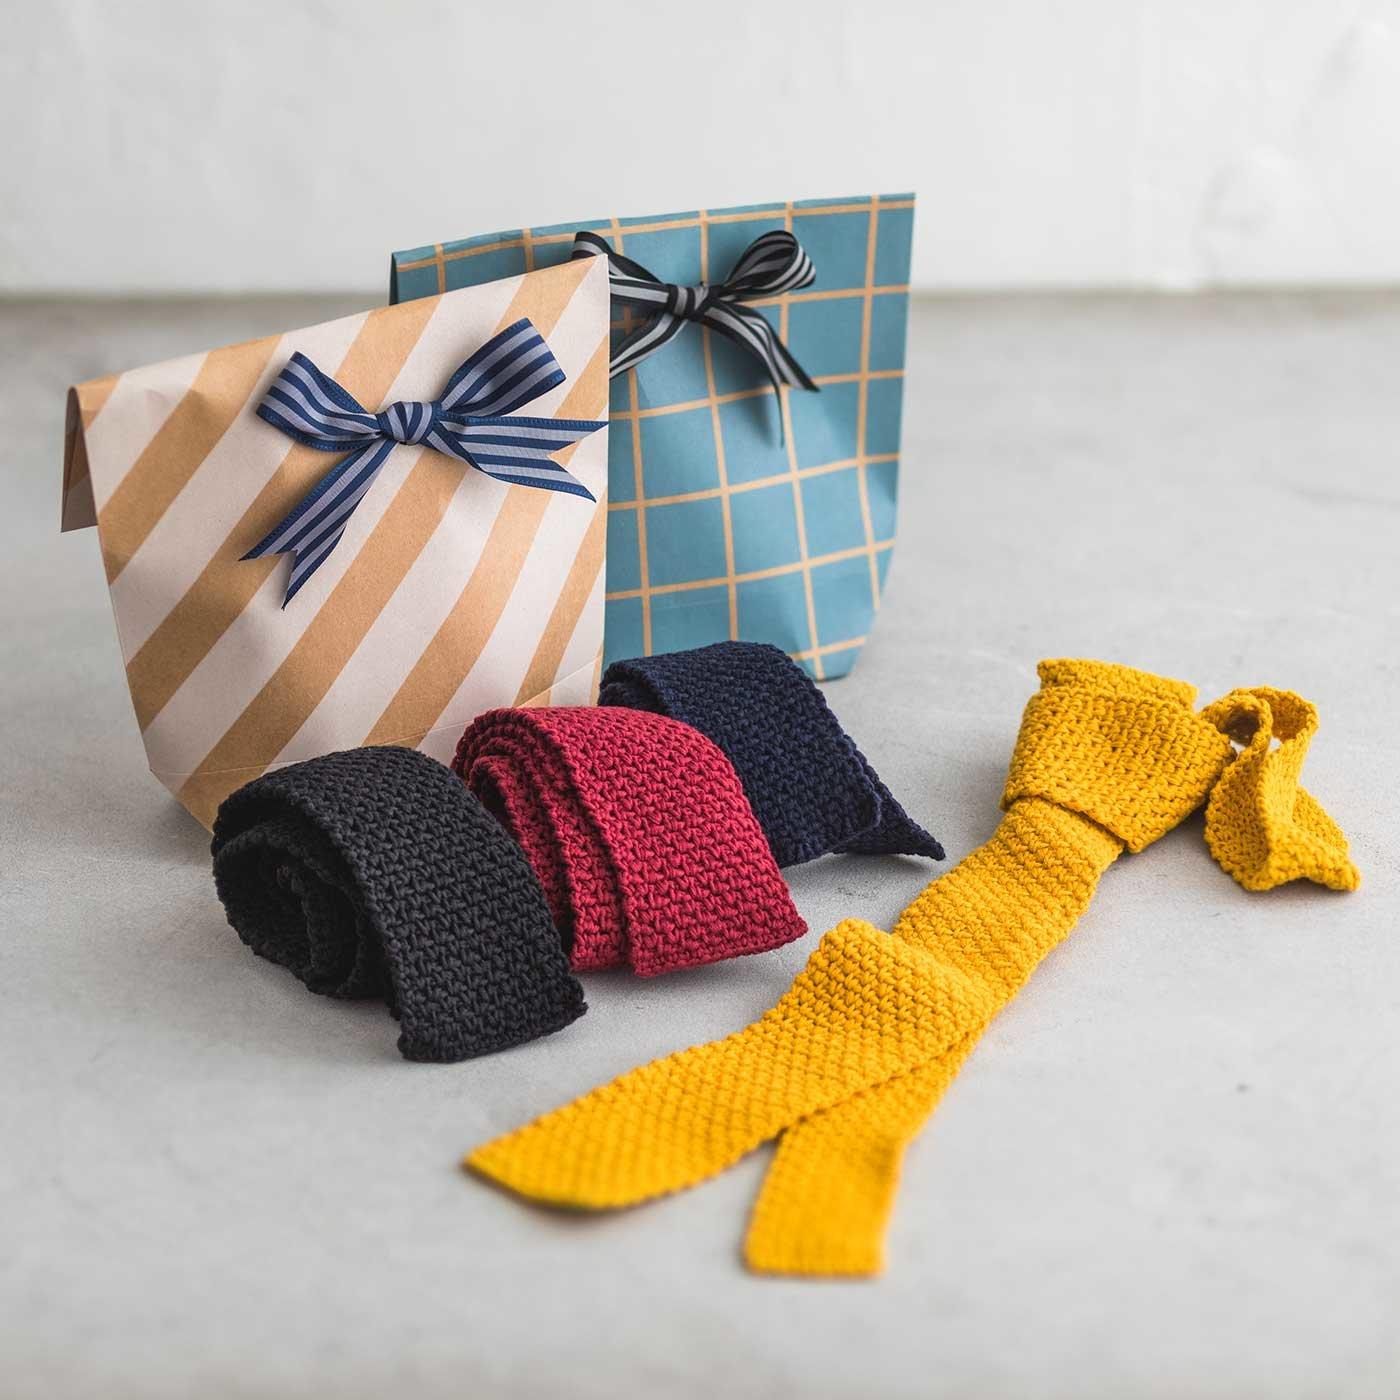 大切な人へ贈りたい かぎ針で編む ツール付きTIE KIT(タイ・キット)